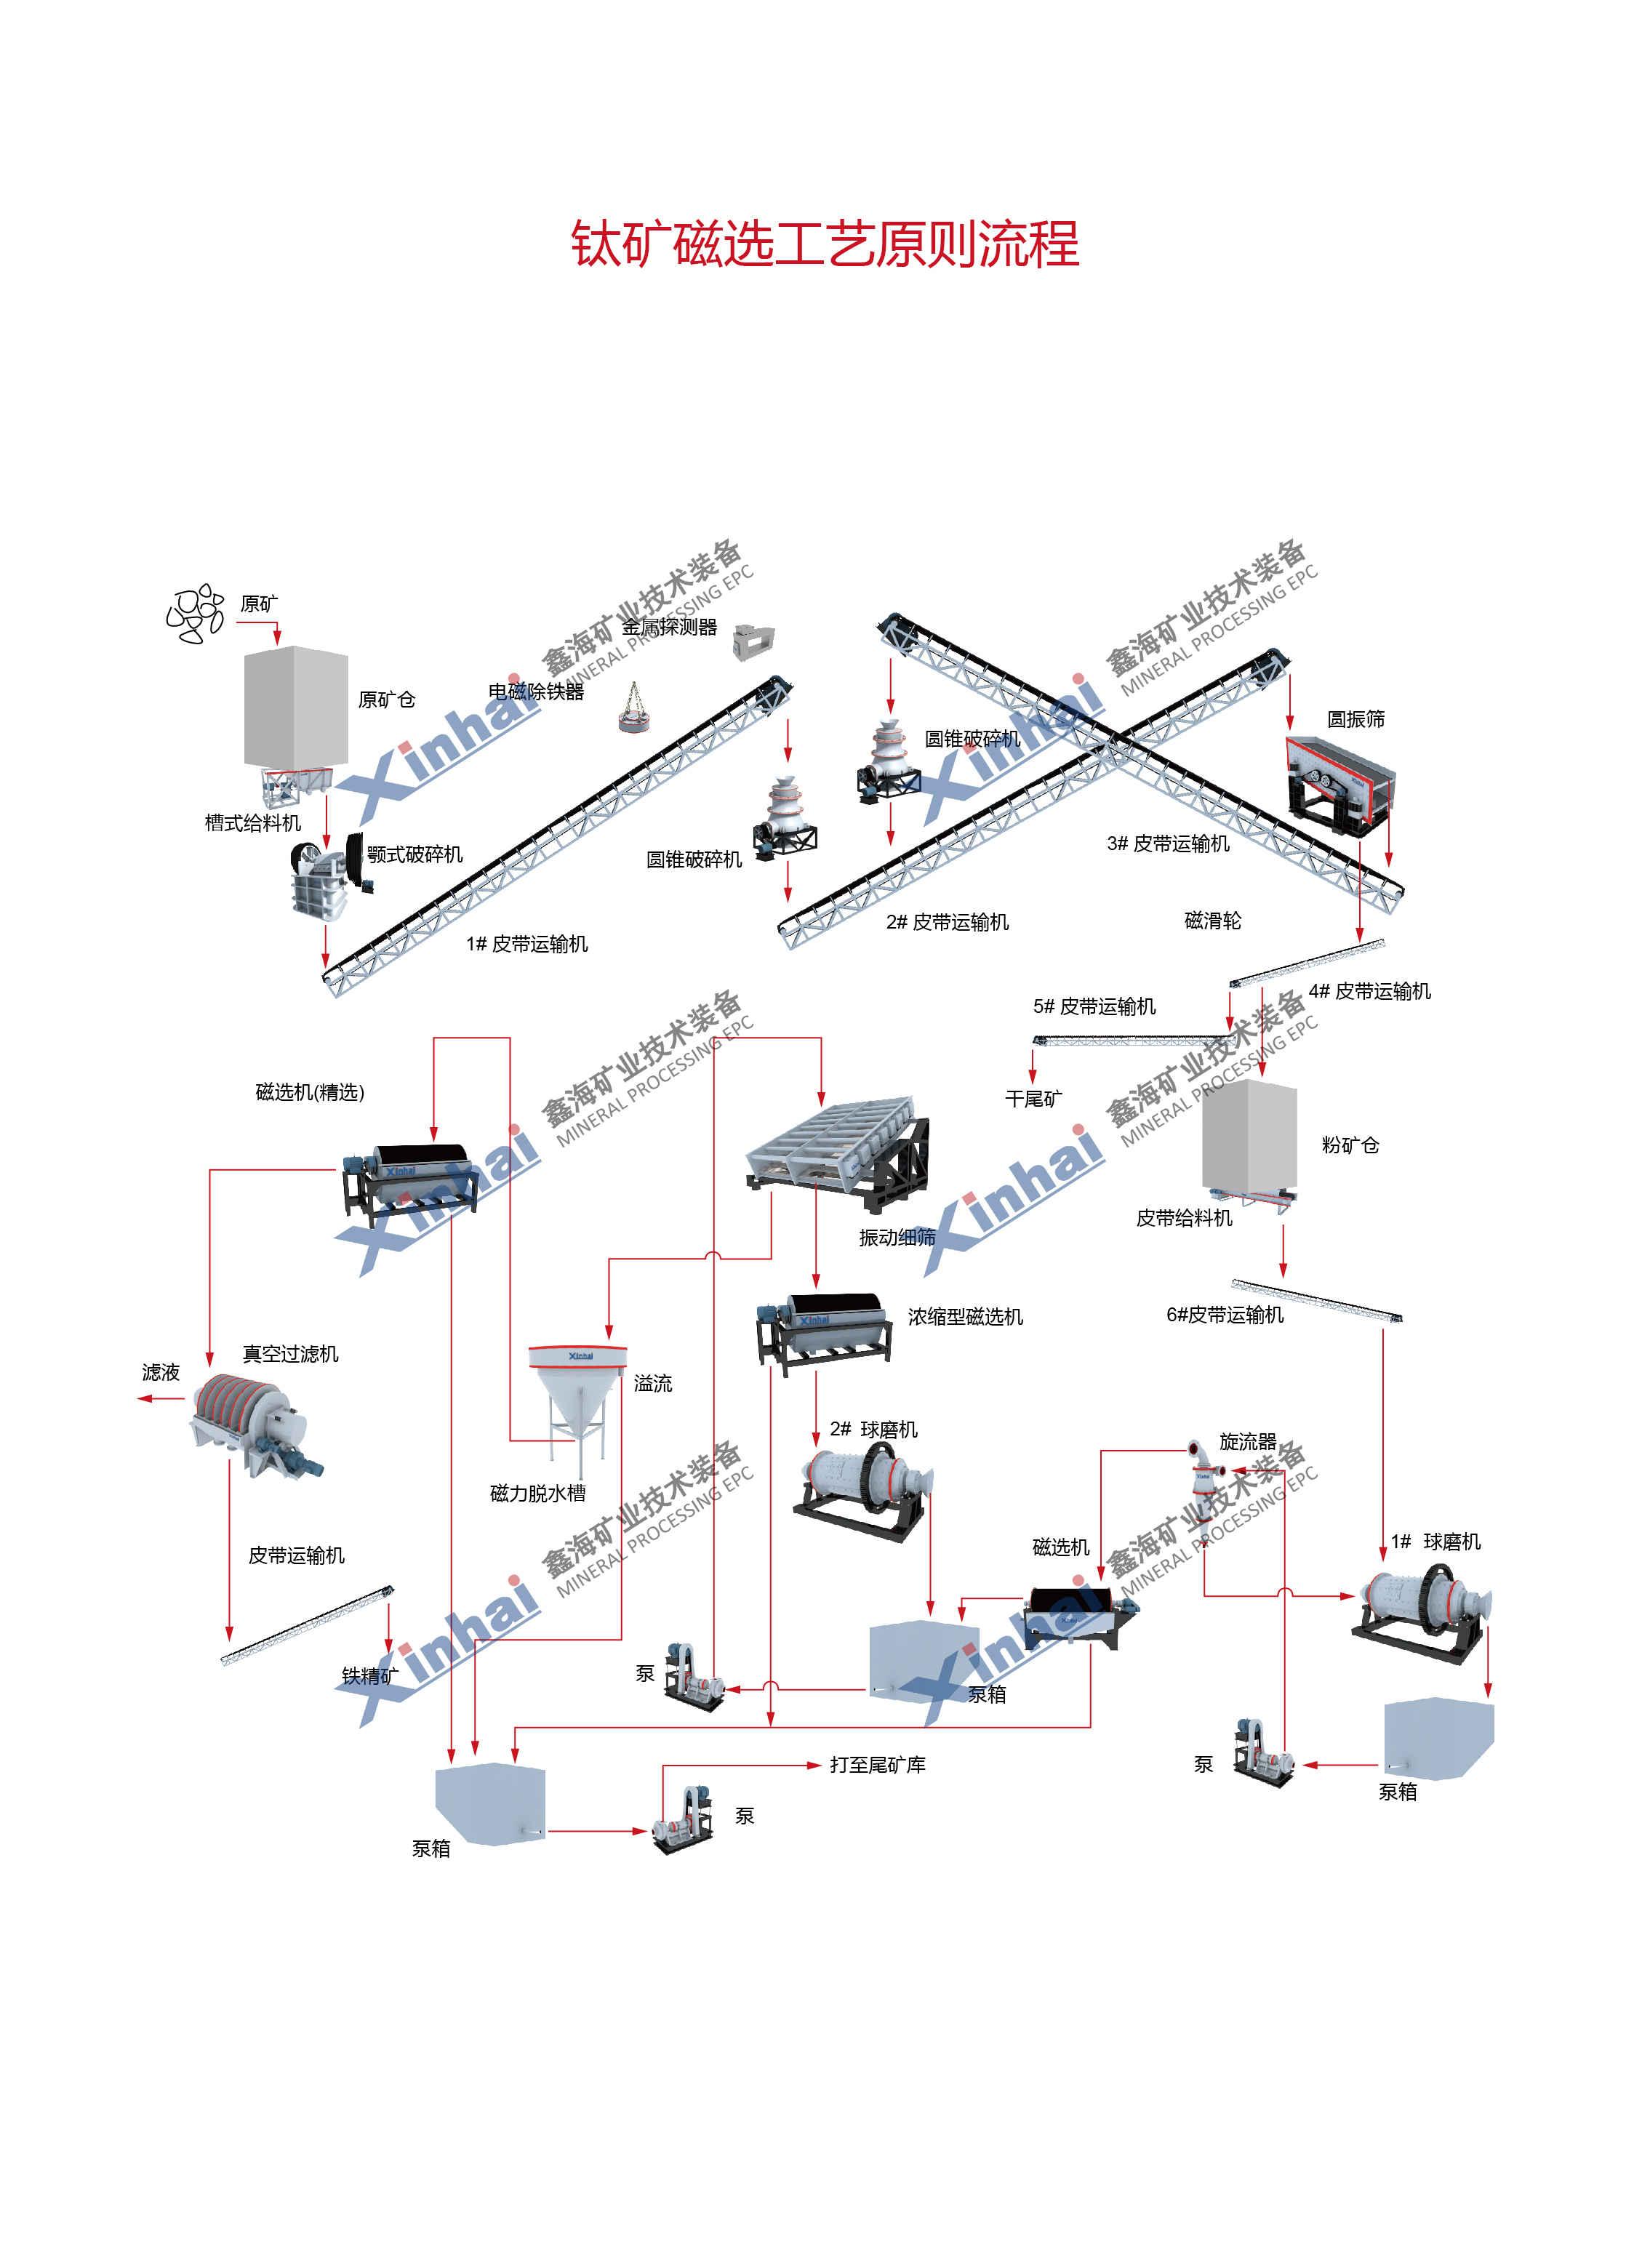 钛矿工艺流程图